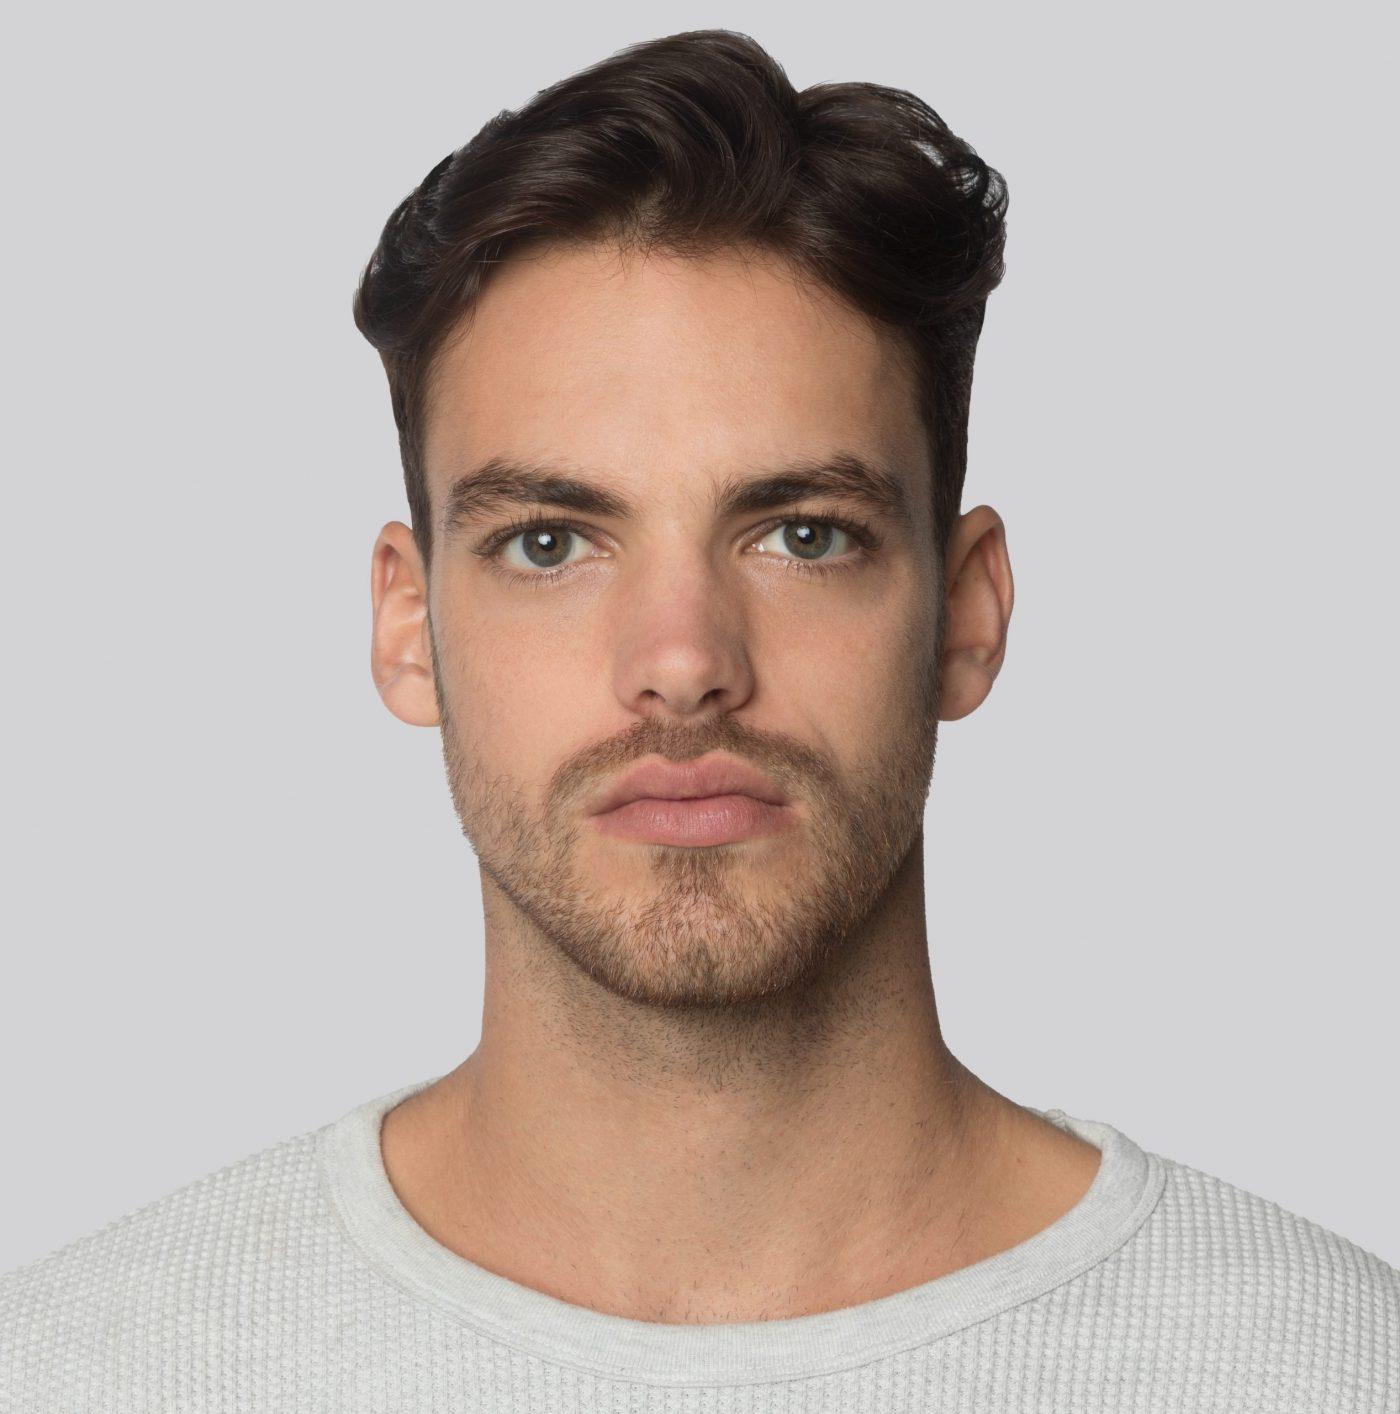 HAIR NATURAL MEN 1